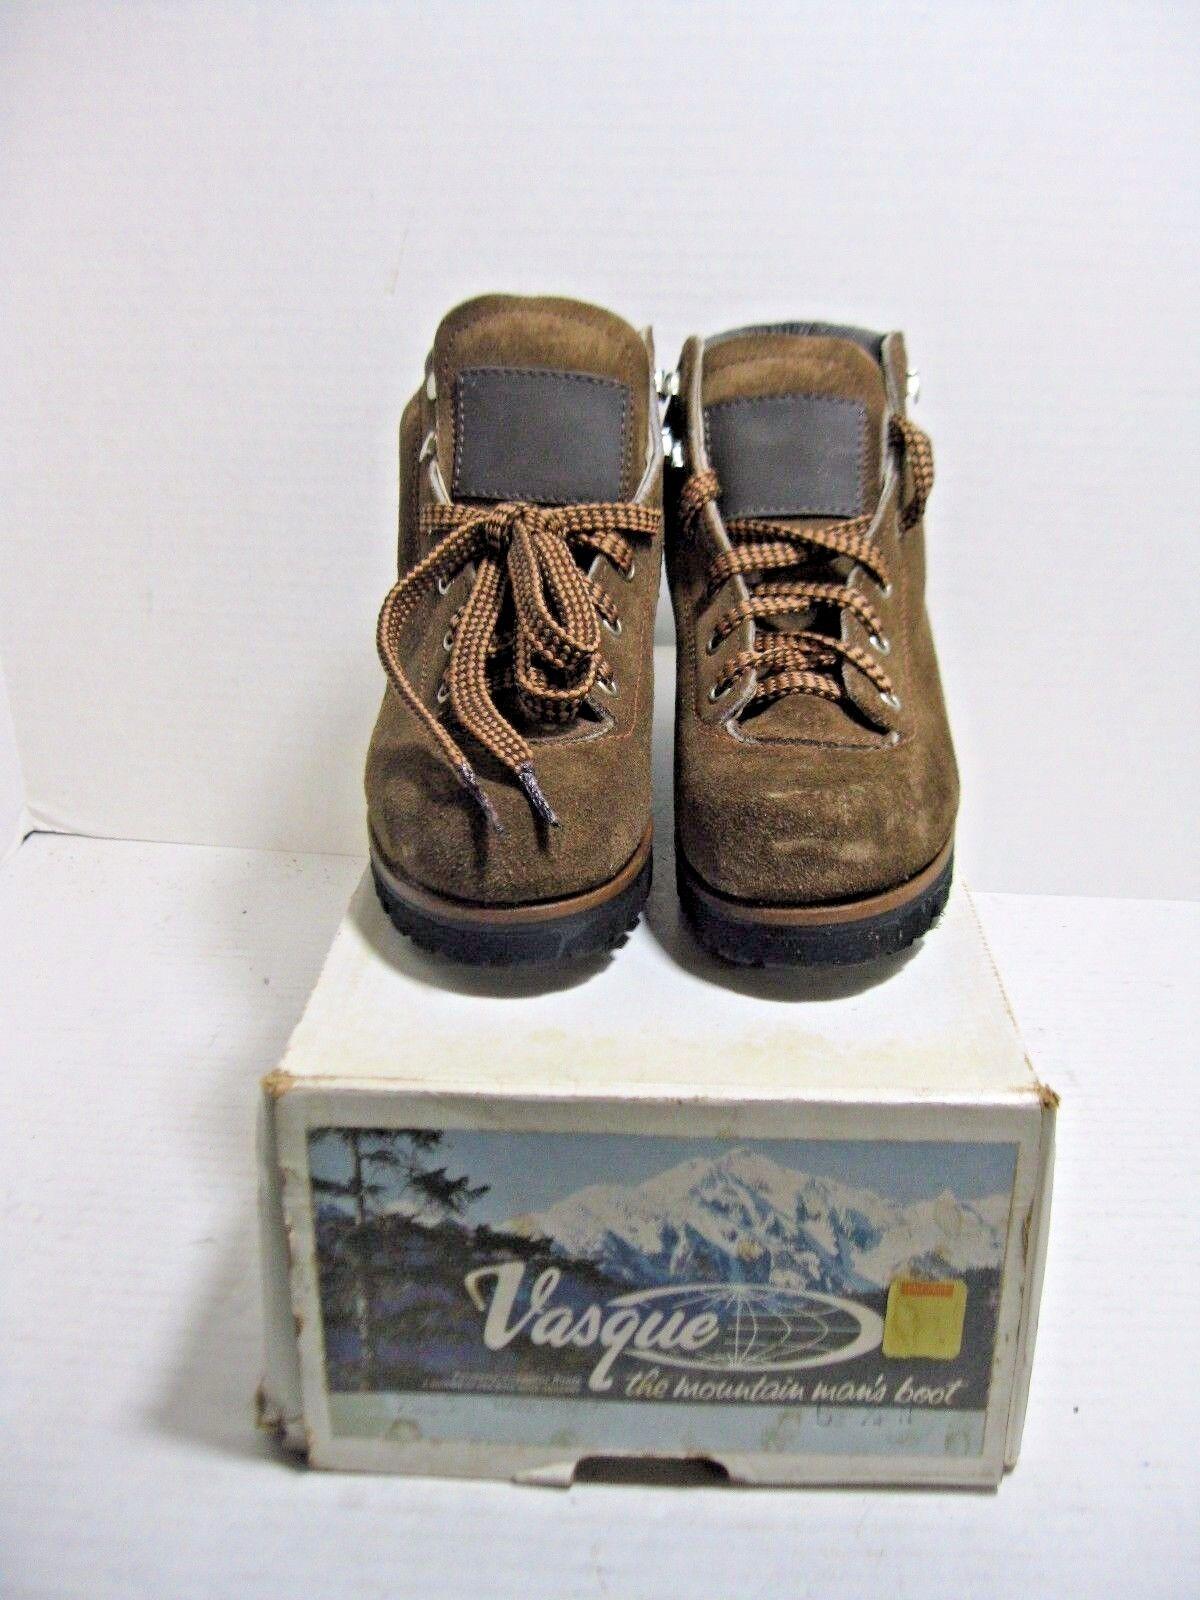 Vintage VASQUE Suede Split Cowhide Womens's Hiking Boots Model 7585 5.5N NIB